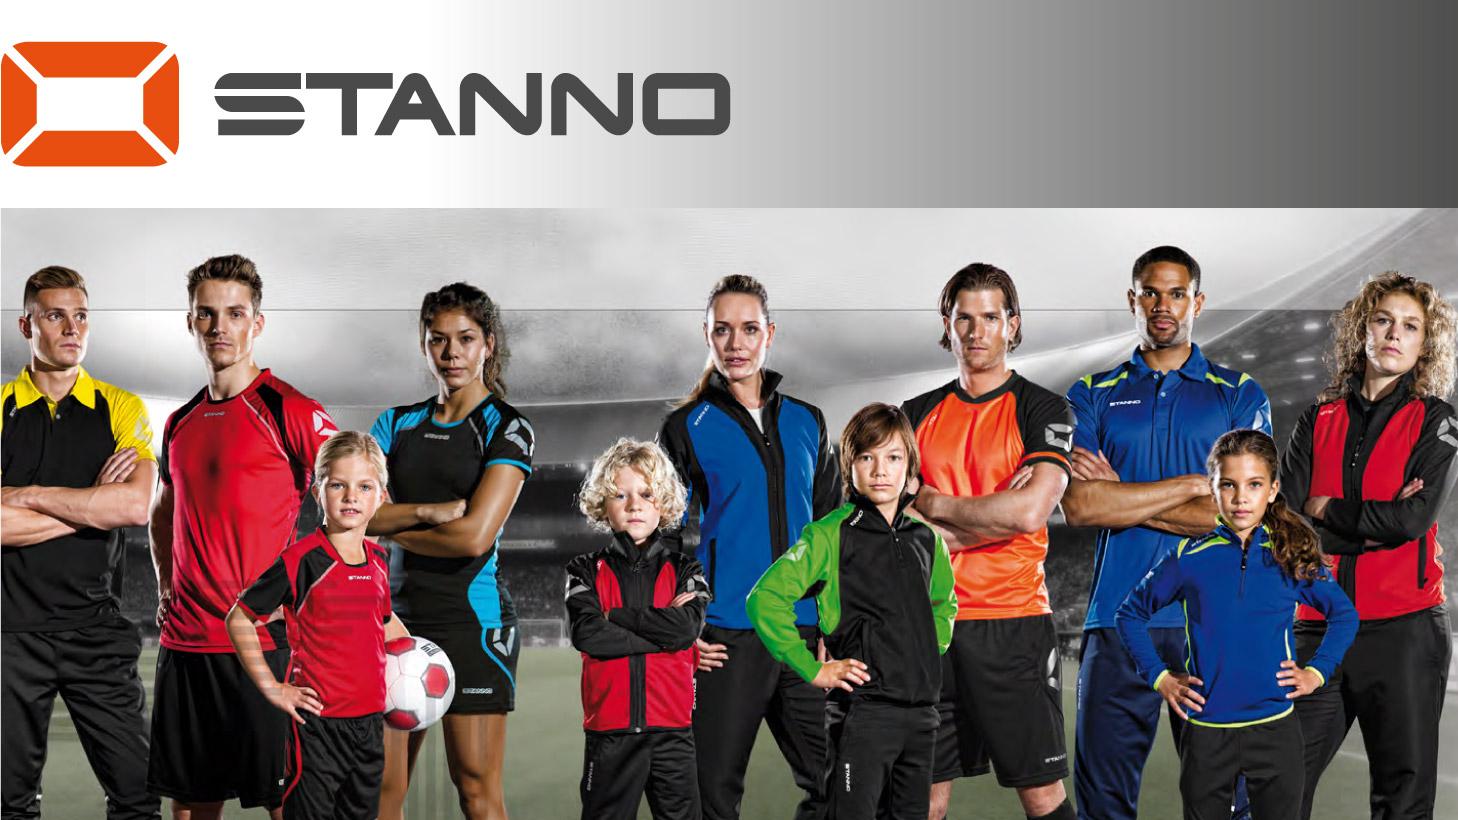 stanno_3spaltig_teamwear